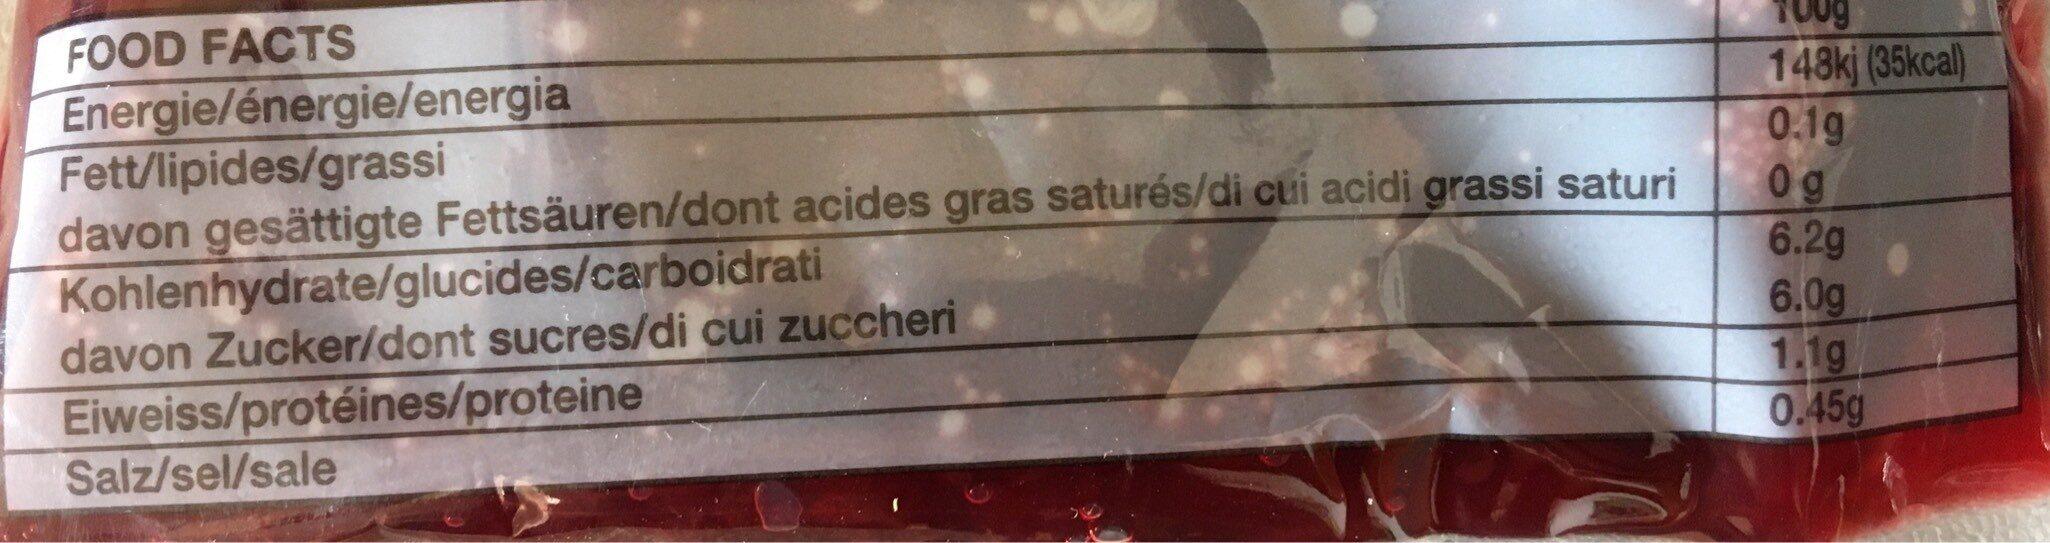 Bracher Spezialitäten Salade de betteraves rouges de l'Emmental - Informations nutritionnelles